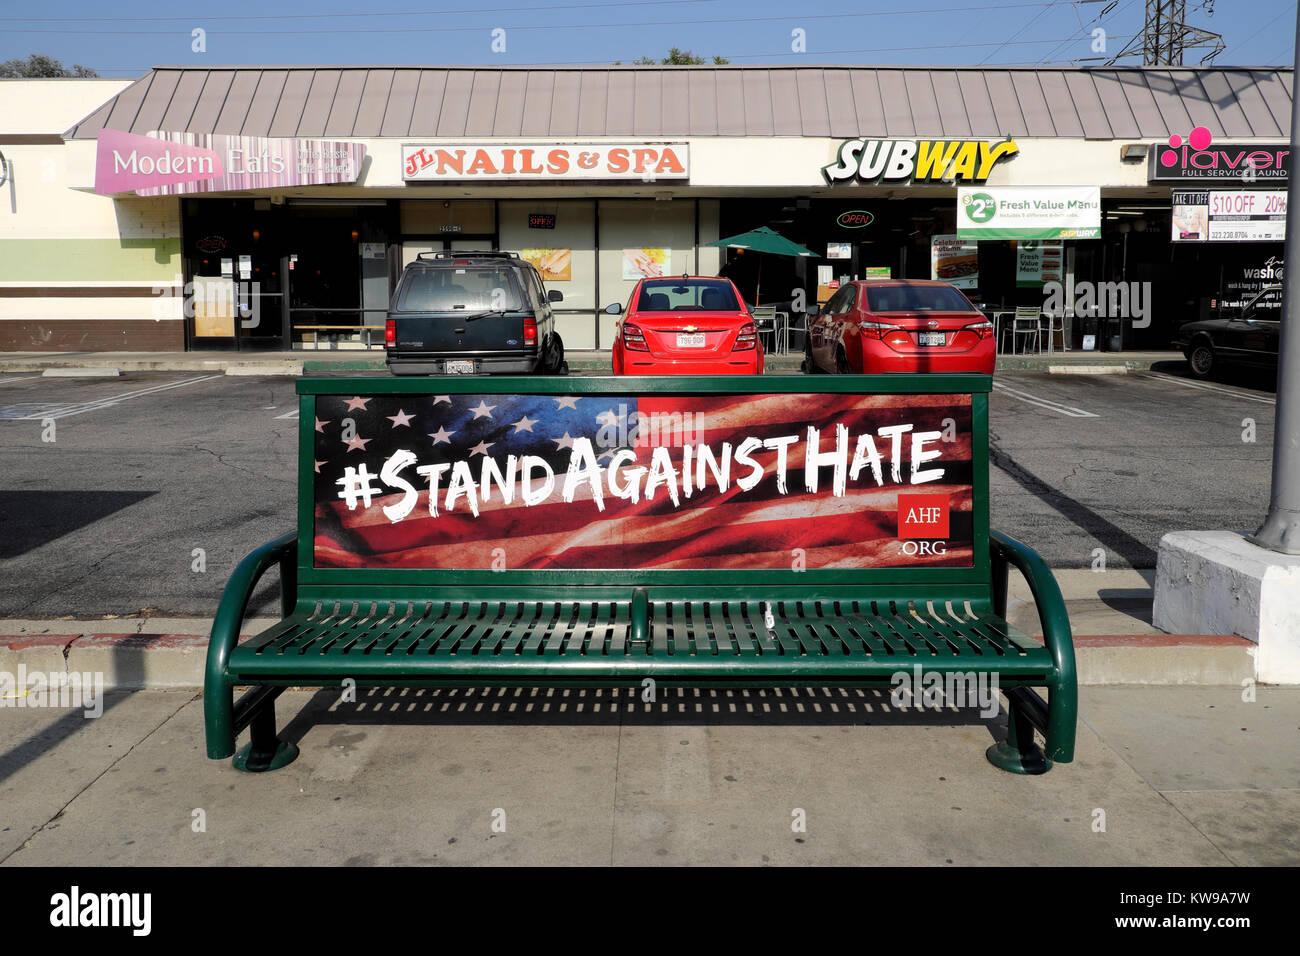 #AIDS Healthcare Foundation position contre la campagne de haine annonce avec le drapeau américain sur Photo Stock